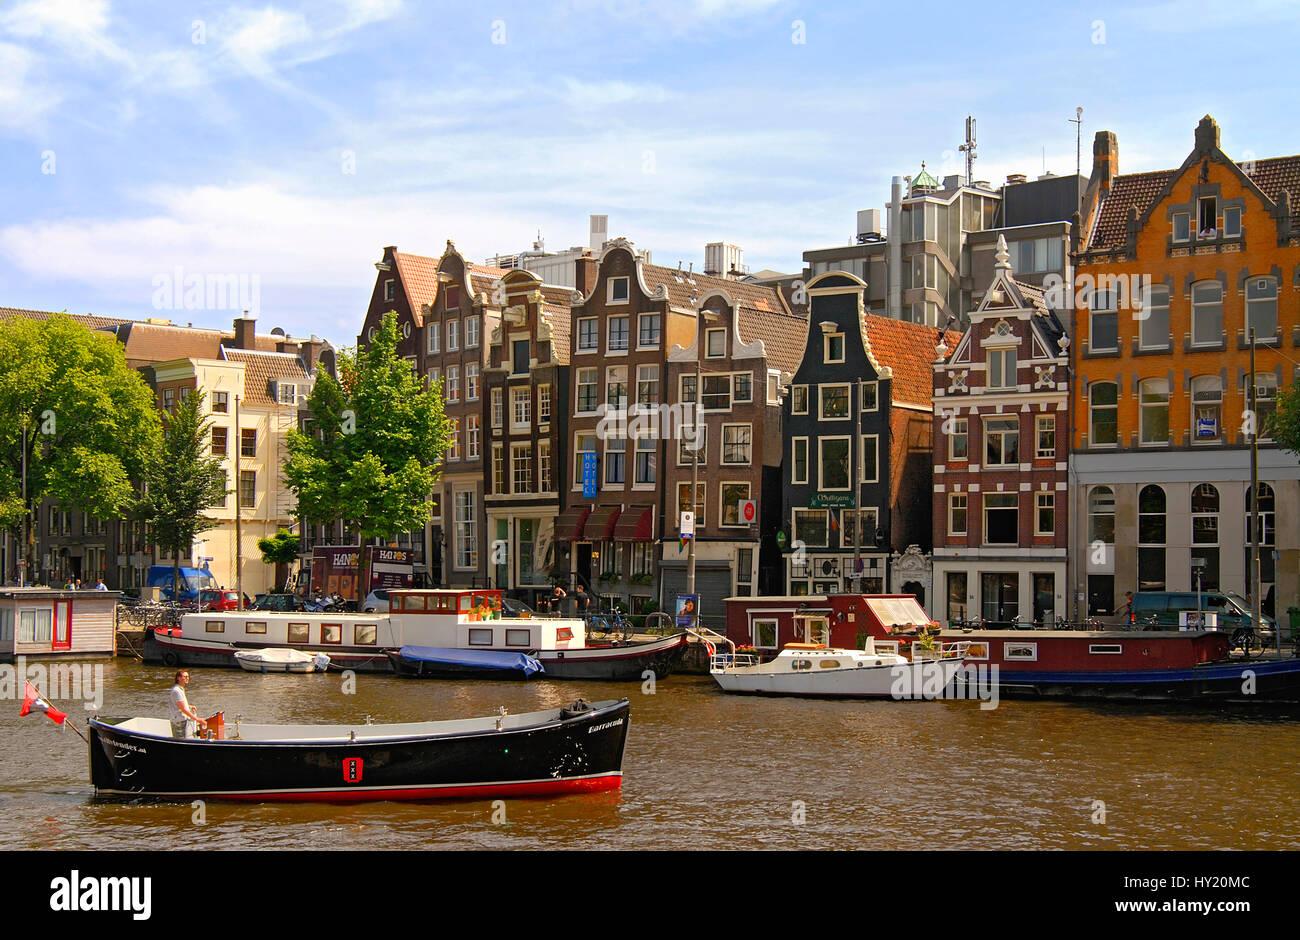 Imagen de pequeño barco de motor la conducción en un canal de agua en el interior de la ciudad de Amsterdam, Holanda. Foto de stock